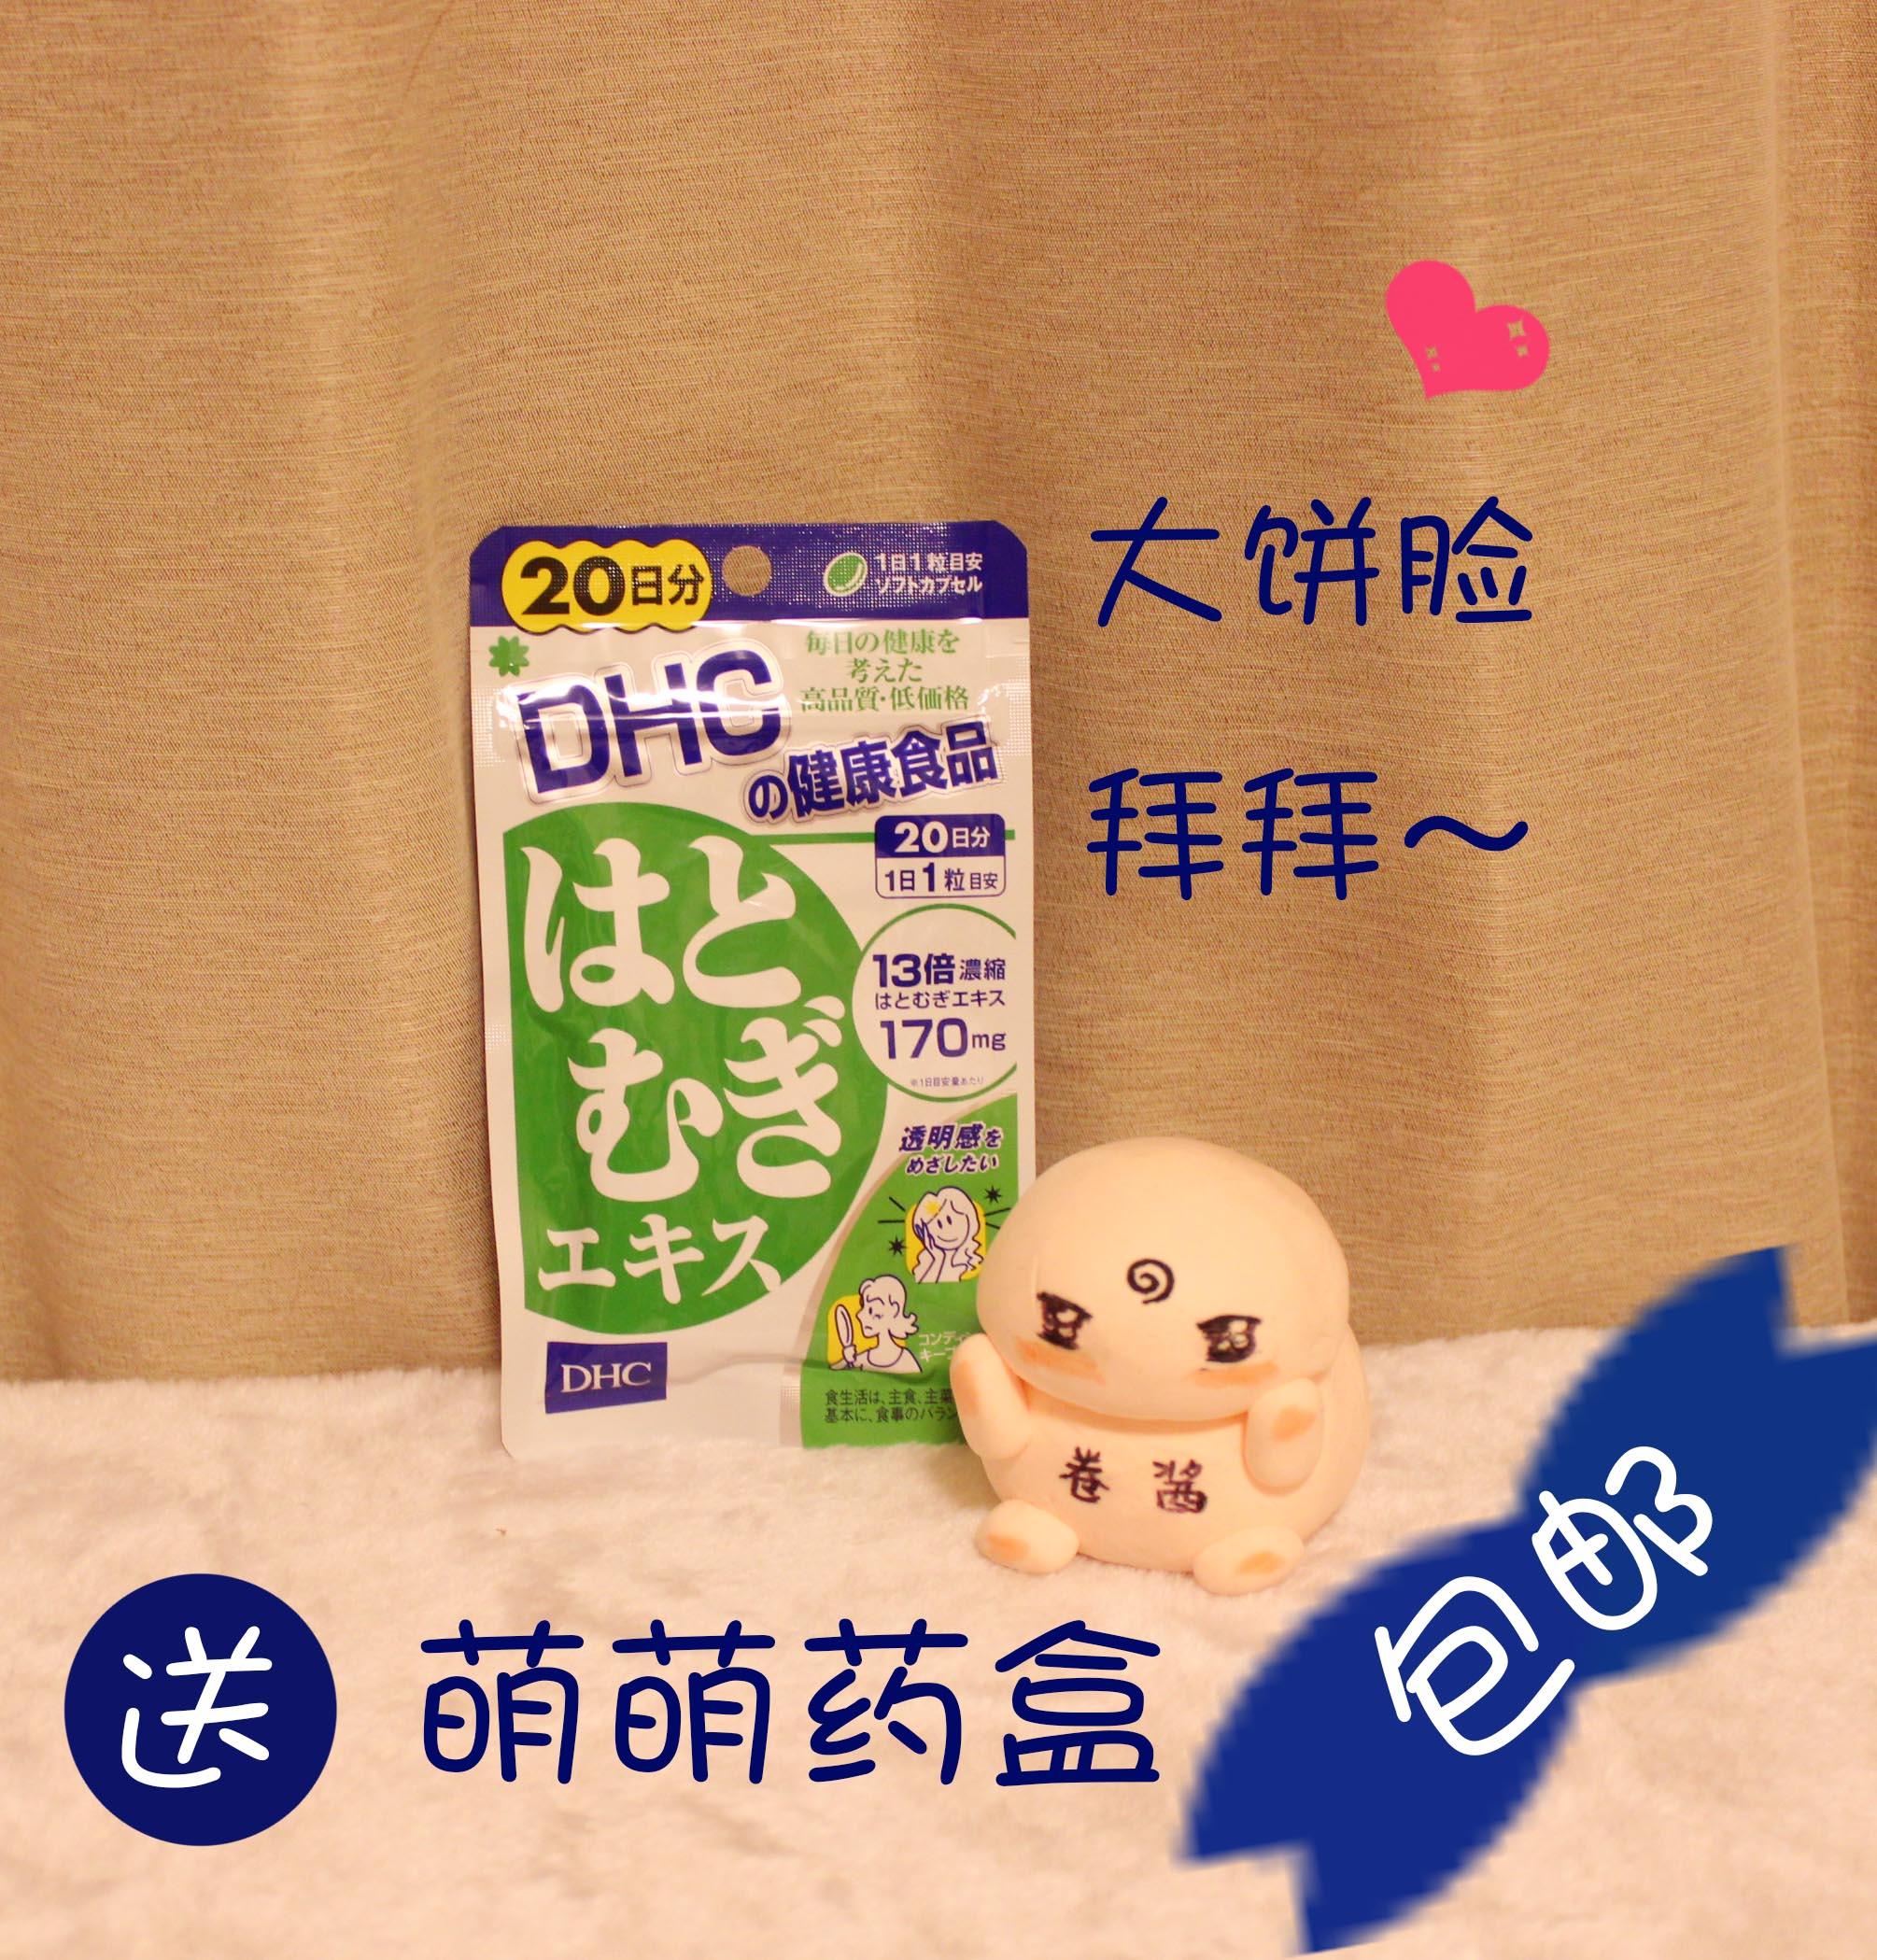 【 сейчас в надичии 】 японский оригинальный DHC Yi благожелательность таблетка Yi метр лист сущность 20 день белый прибыль кожа косметология строка идти большое лицо